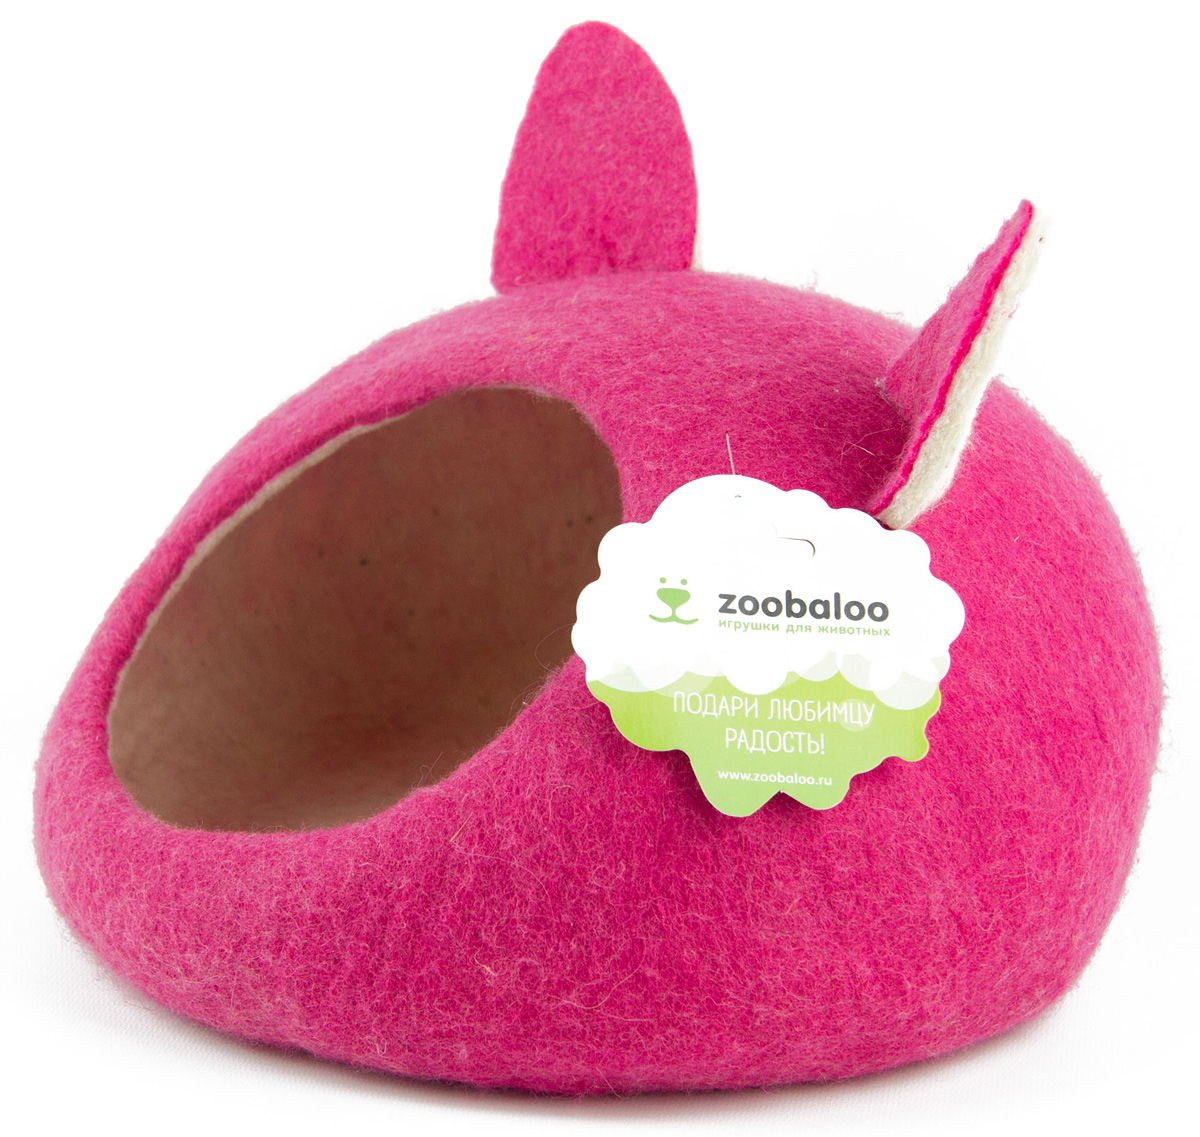 Домик-слипер для животных Zoobaloo WoolPetHouse, с ушками, цвет: малиновый, размер М домик слипер для животных zoobaloo woolpethouse с ушками цвет оранжевый размер m